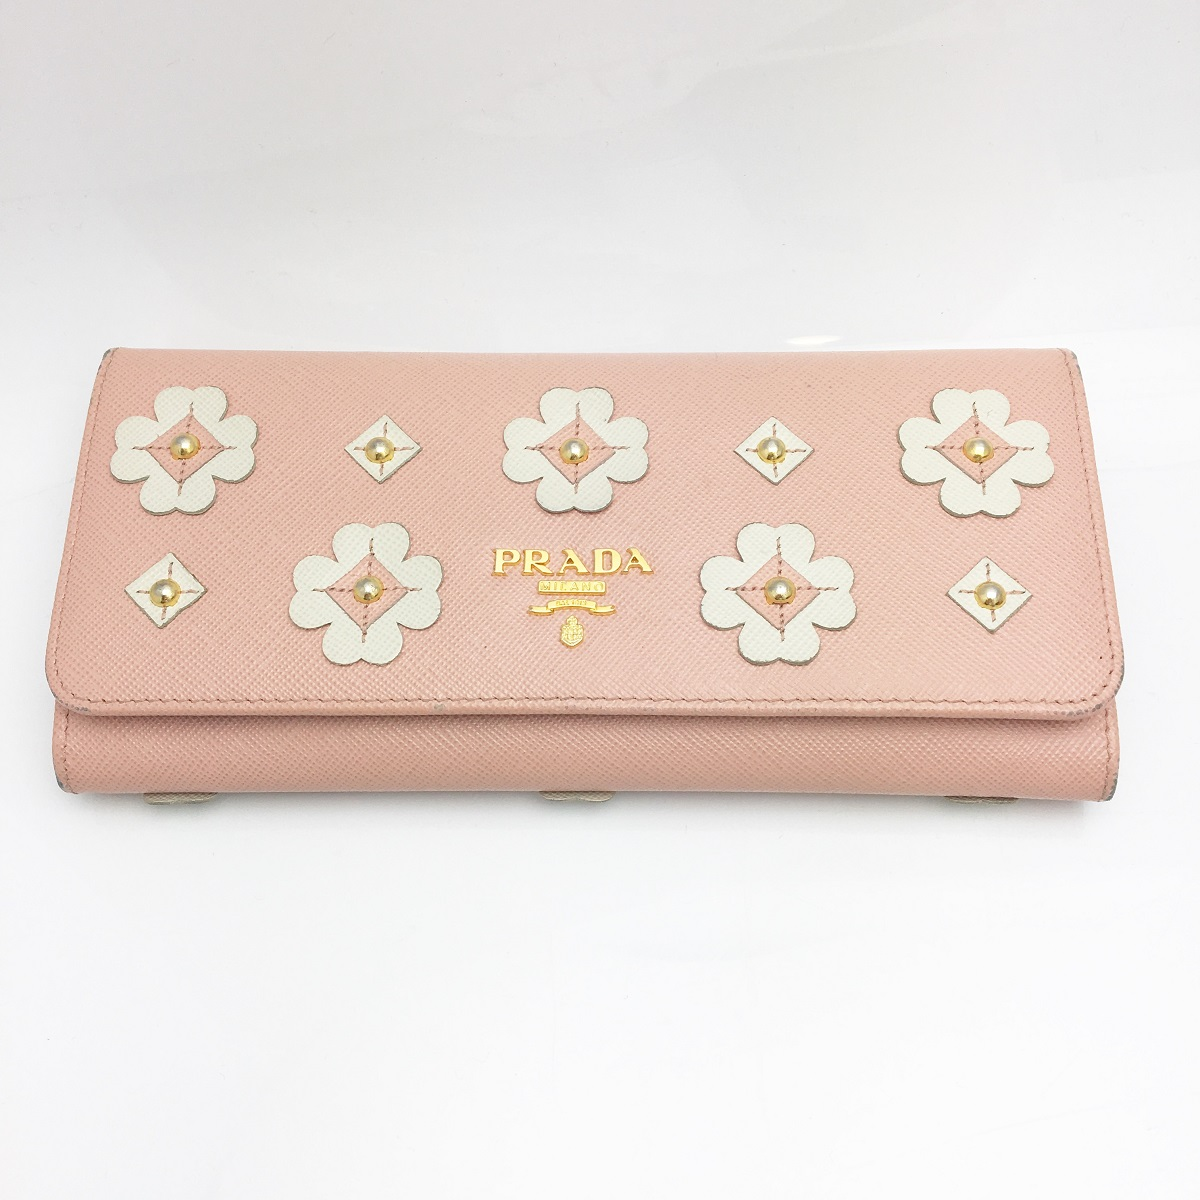 プラダ PRADA 長財布 二つ折り カード入れ ピンク×ホワイト レザー フラワーモチーフ 花柄 【トレジャースポット】【中古】